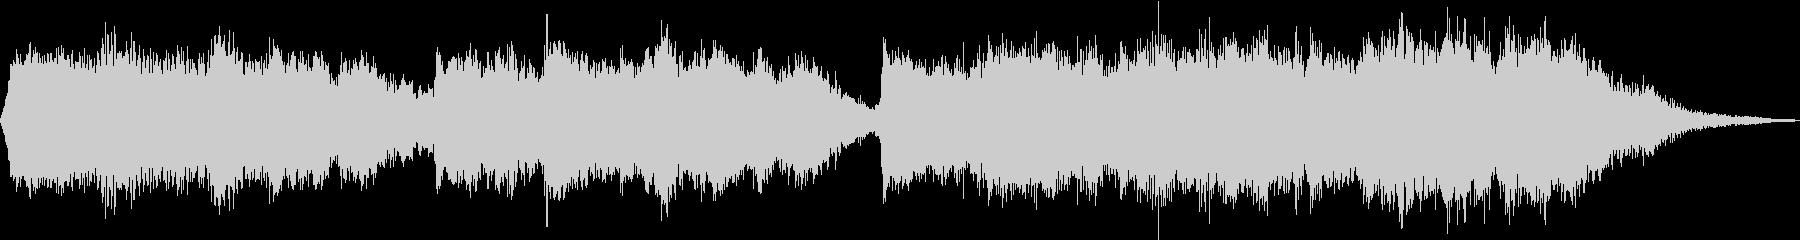 筝と和鈴がしみ入る「さくらさくら」編曲の未再生の波形